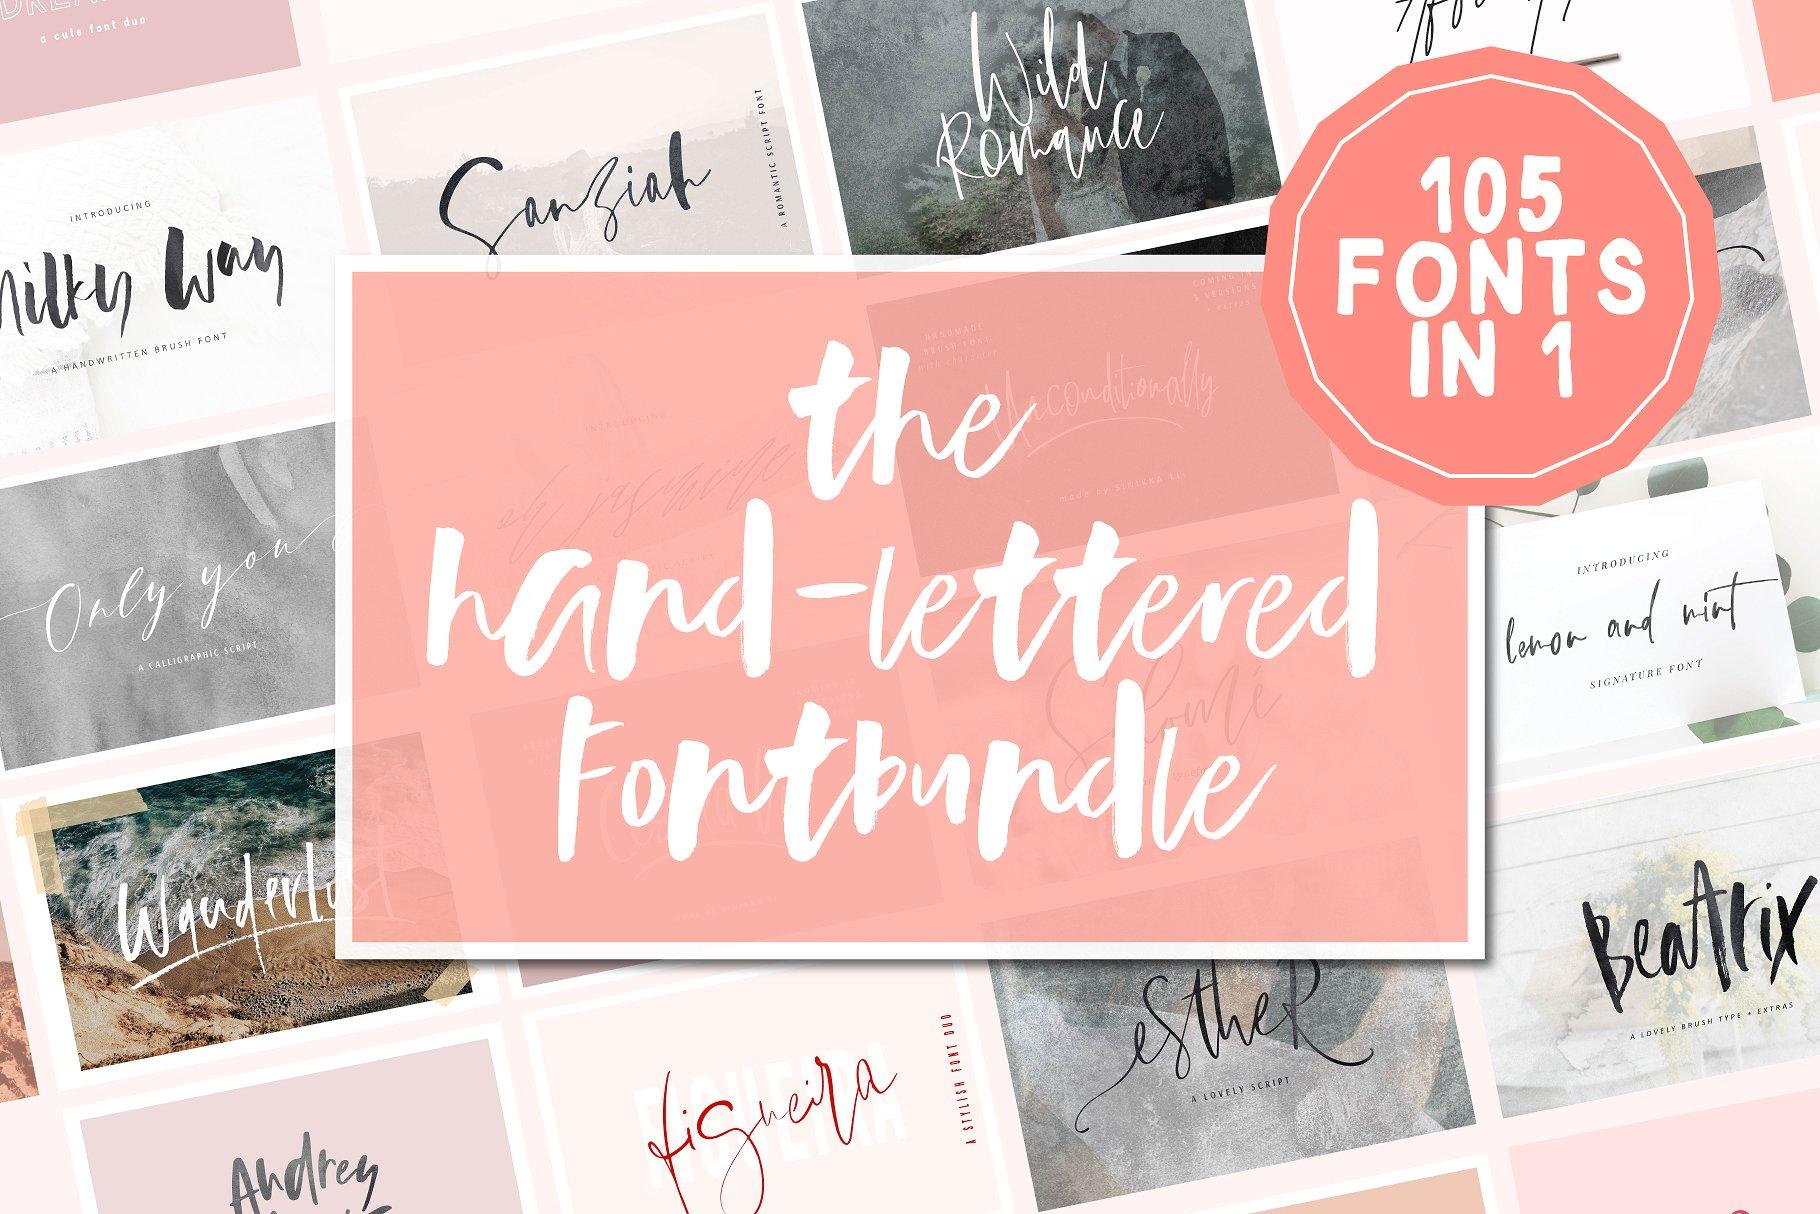 14. 105 in 1 Hand-Lettered Font Bundle